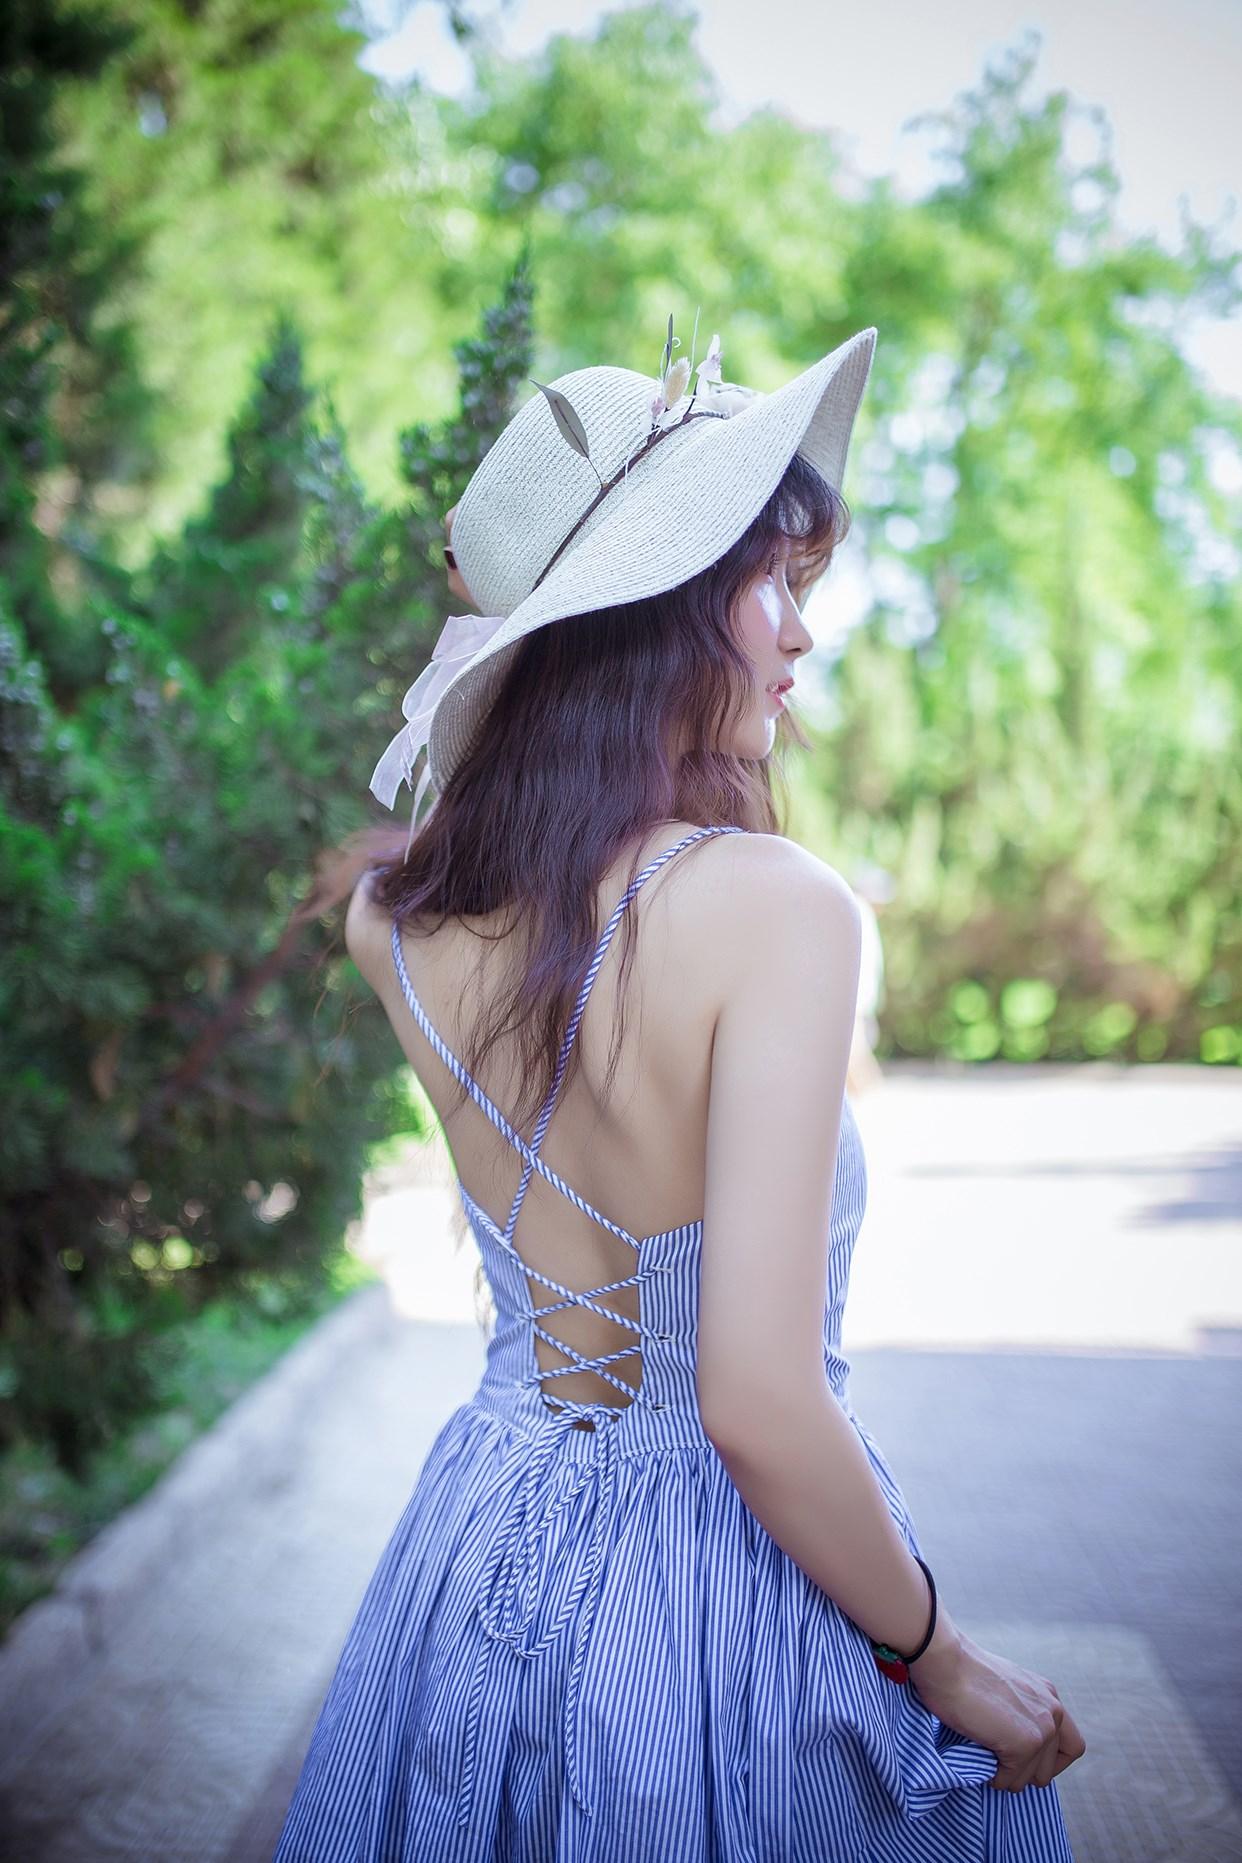 【兔玩映画】吊带裙小姐姐 兔玩映画 第39张